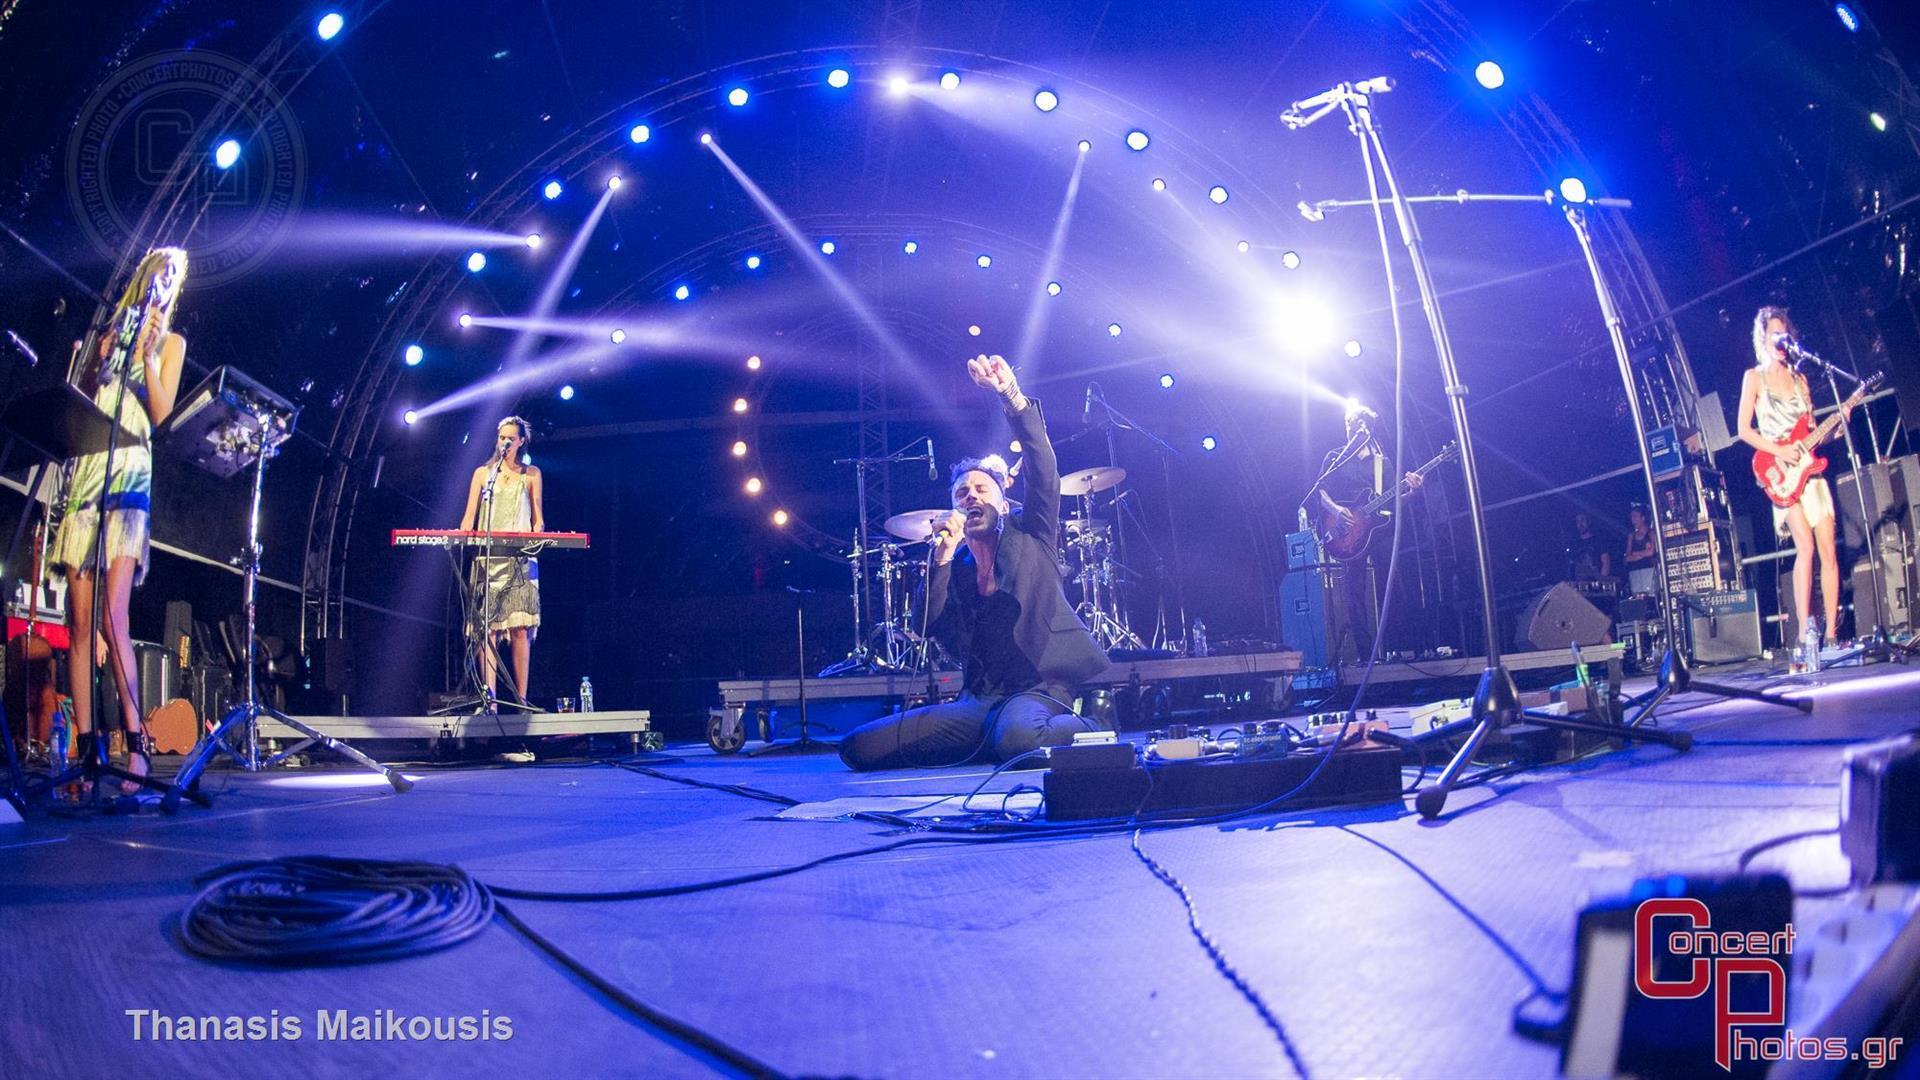 Asaf Avidan-Asaf Avidan photographer: Thanasis Maikousis - ConcertPhotos - 20150624_2103_58